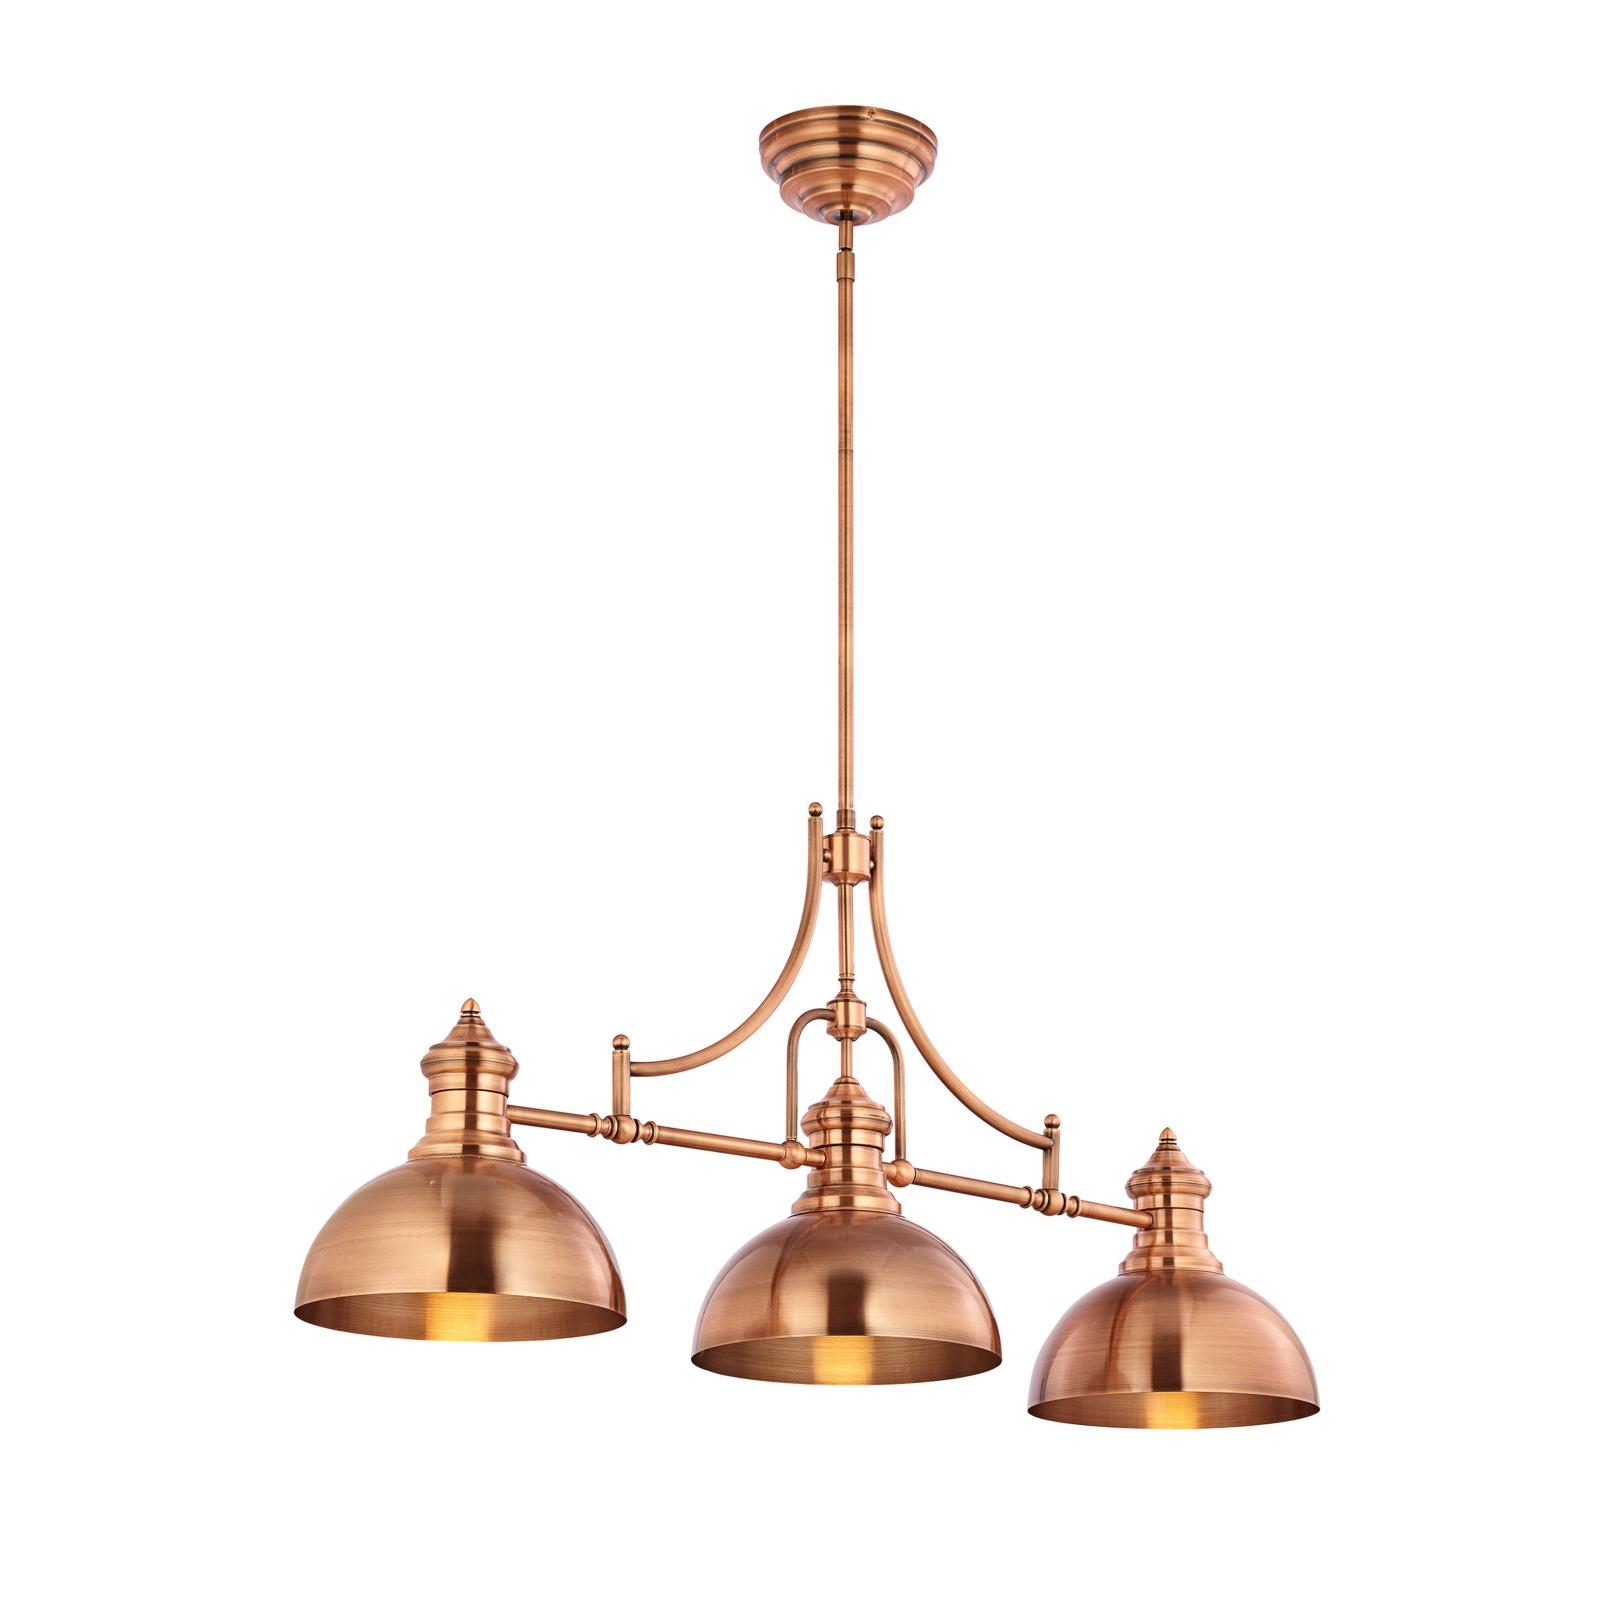 Suspension Times à 3 lampes, laiton ancien